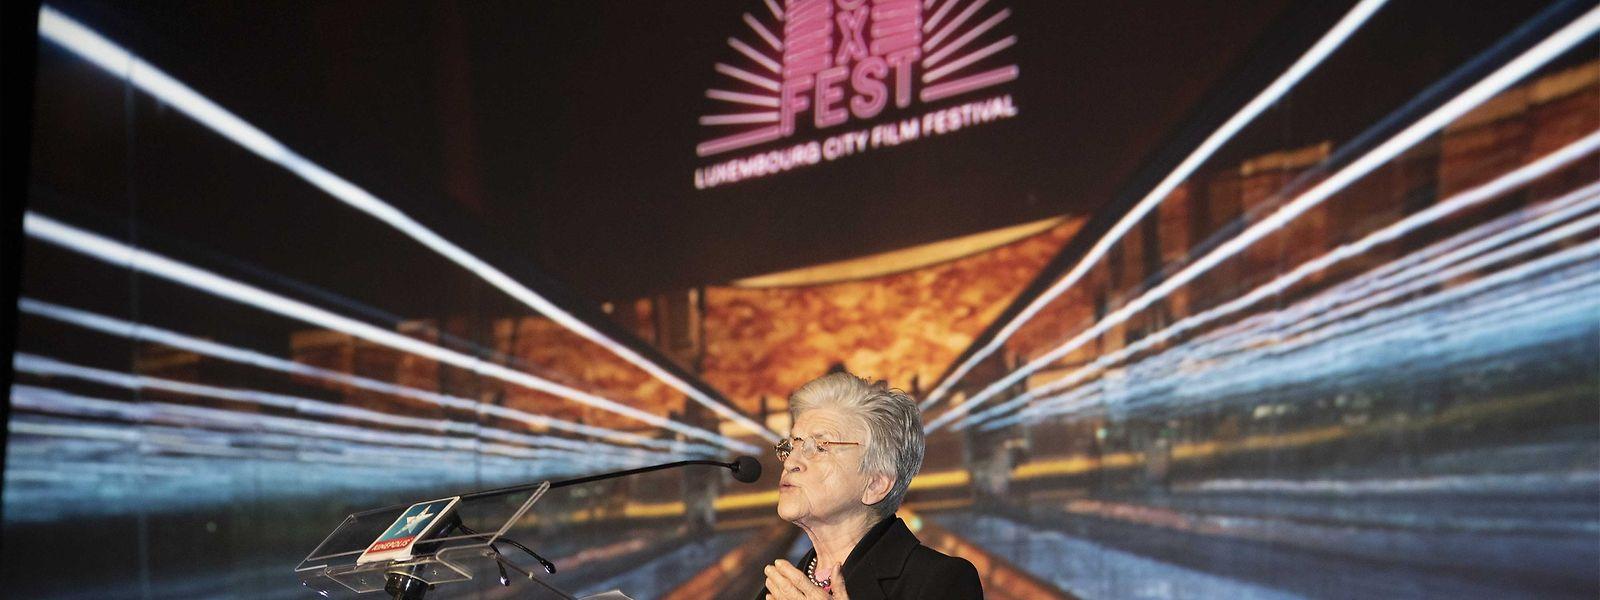 Die Präsidentin der Filmfestival-Vereinigung Colette Flesch müssen sich etwas Besseres in Sachen Festivalauftritt einfallen lassen, um ihr ansprechendes Programm an den Mann und die Frau zu bringen.